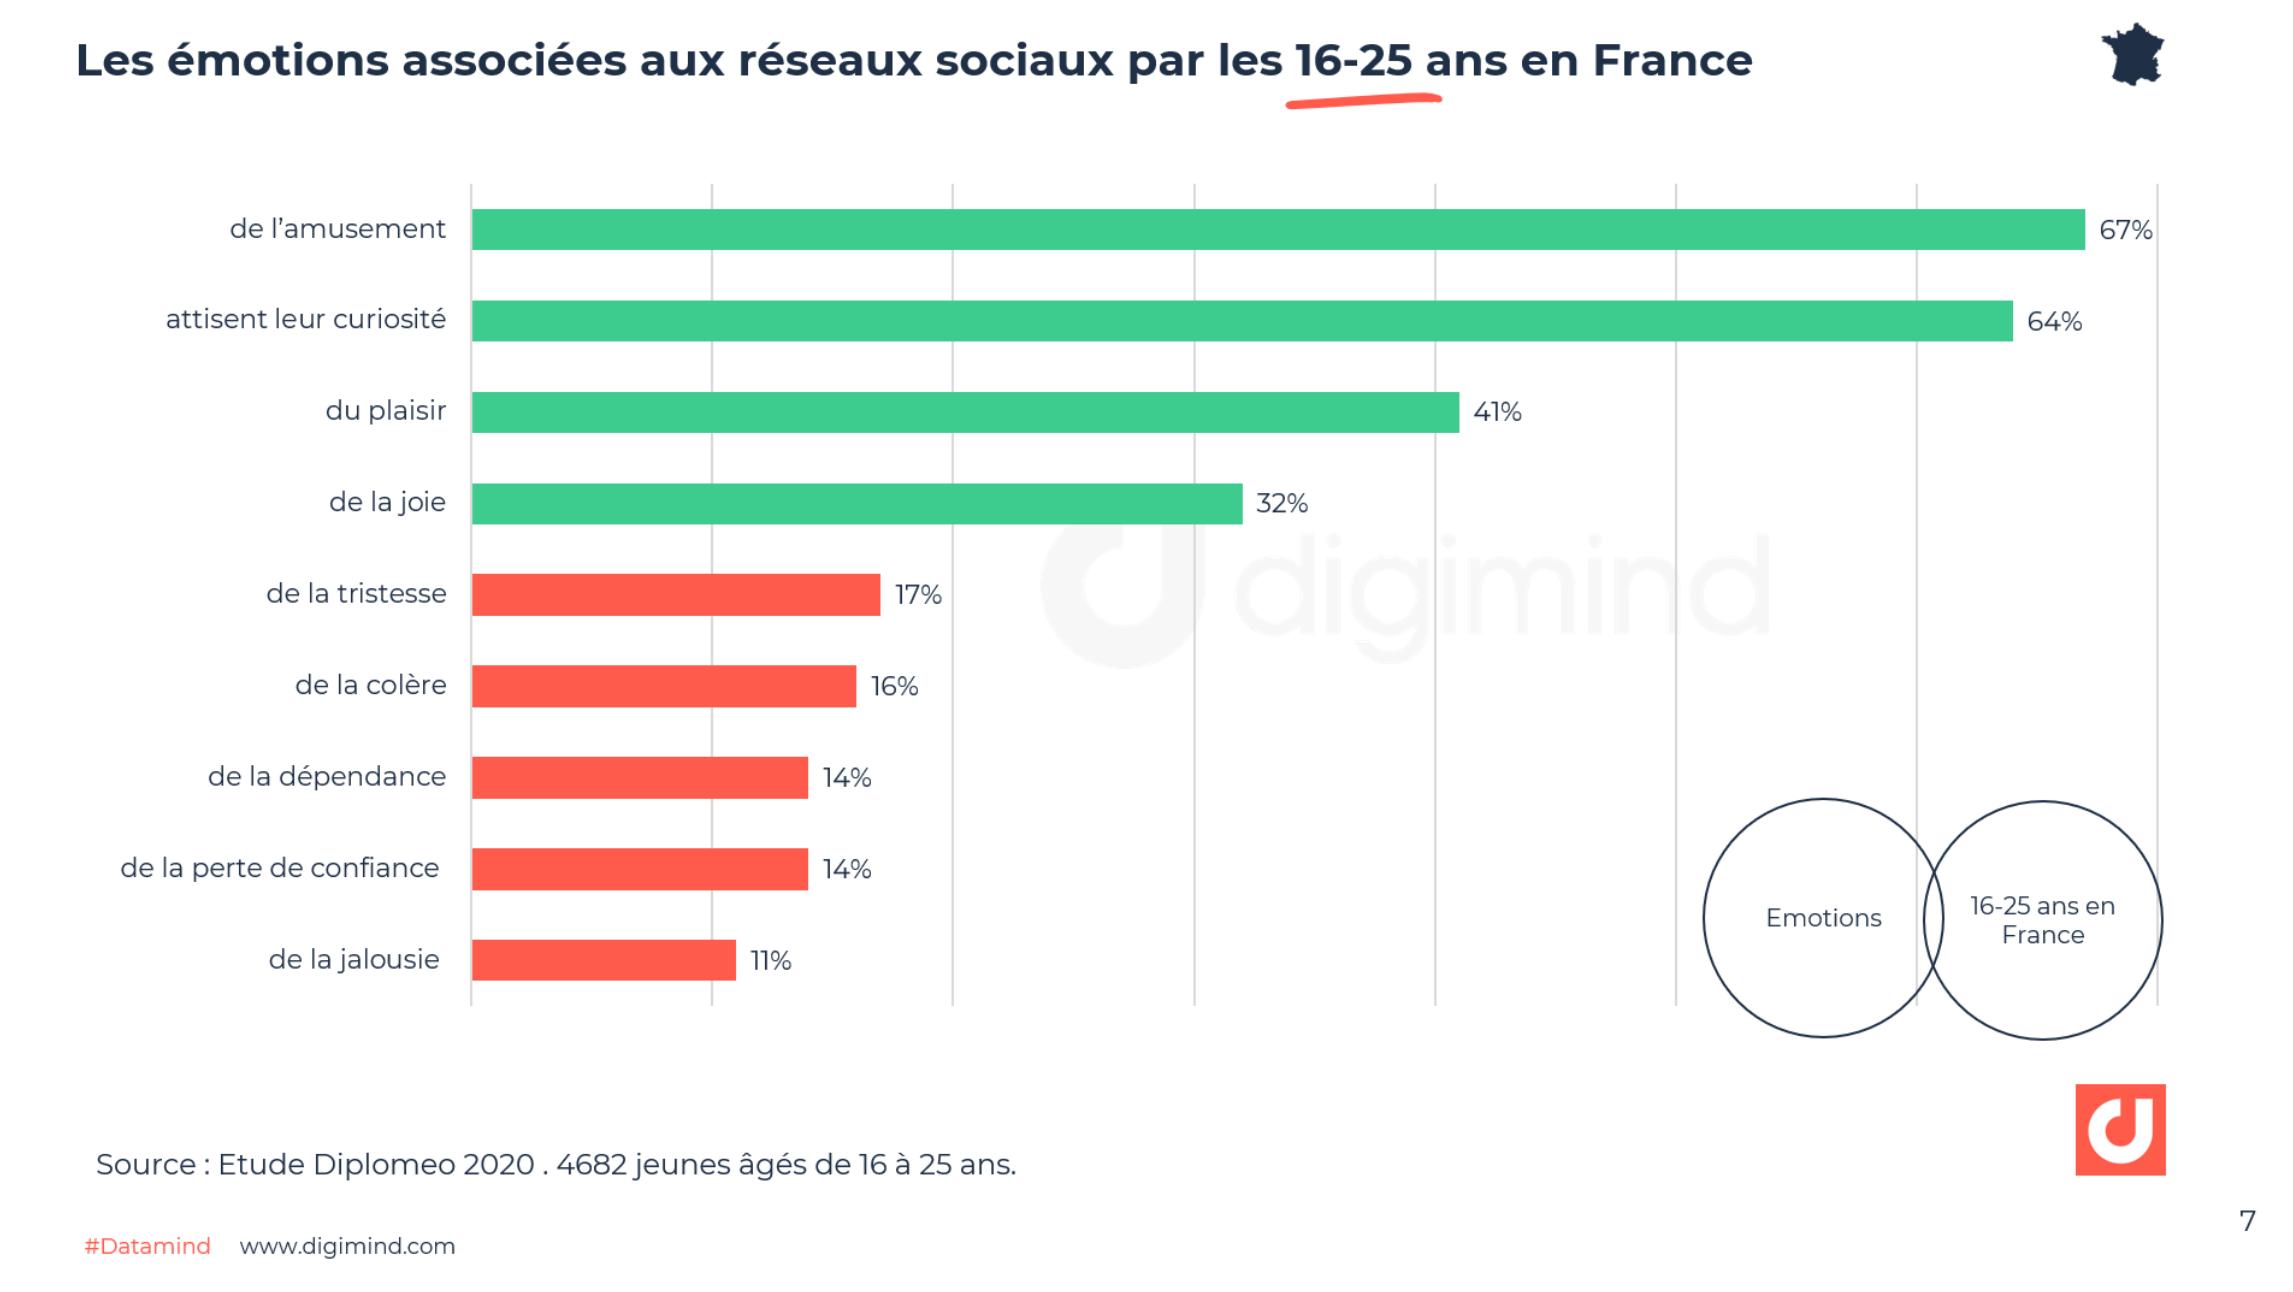 Les émotions associées aux réseaux sociaux par les 16-25 ans en France